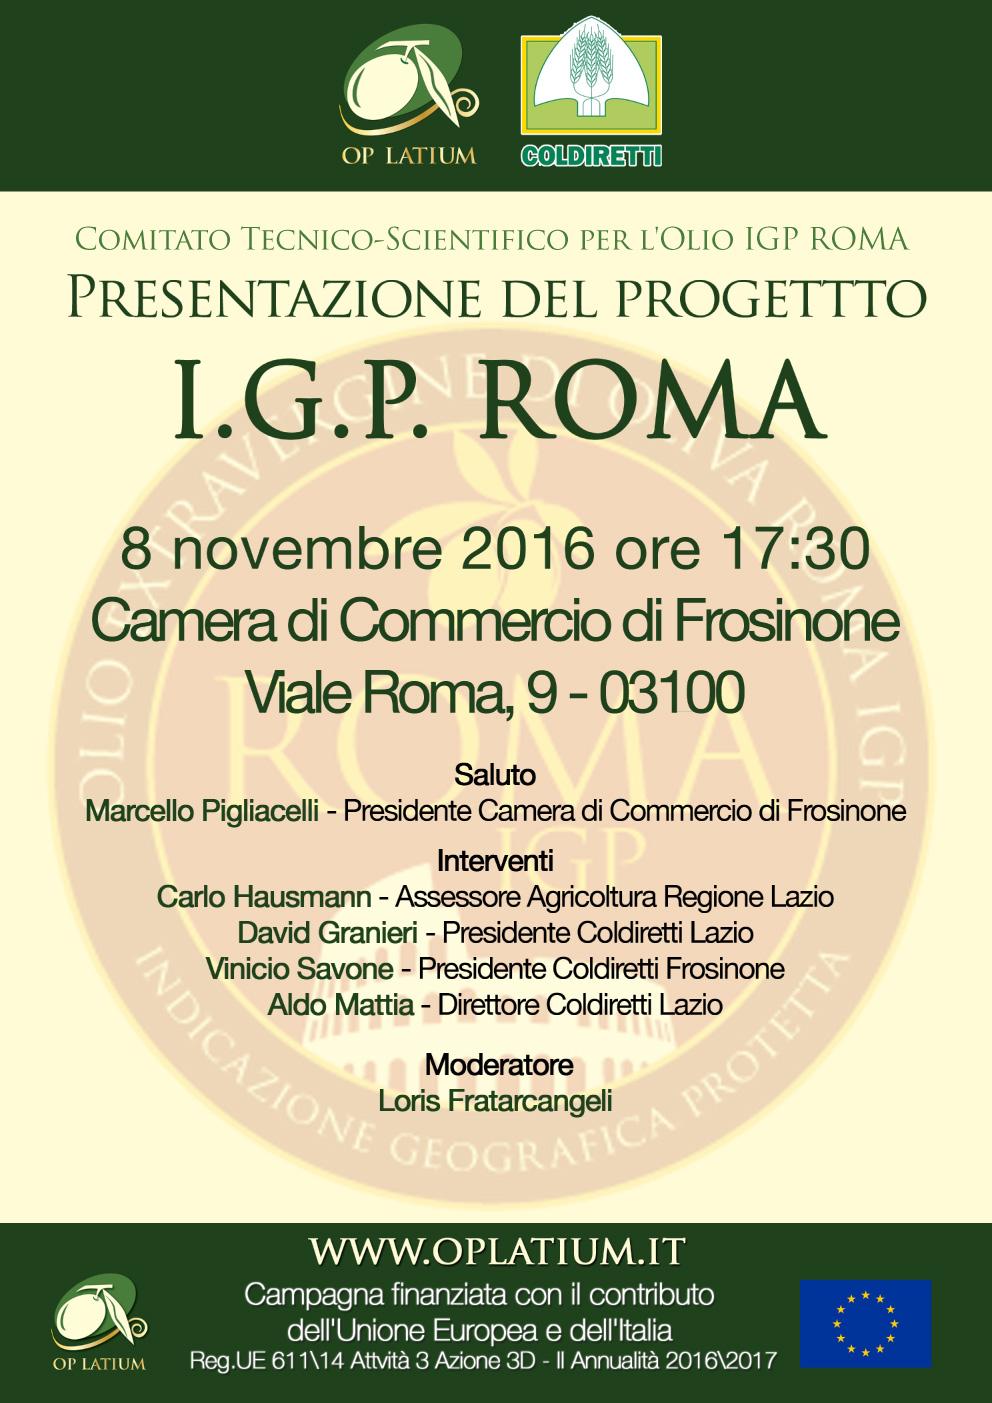 IGP Roma, un marchio per promuovere nel mondo l'olio Extra Vergine di qualità del Lazio. Presentazione del progetto a Frosinone il prossimo 8 novembre